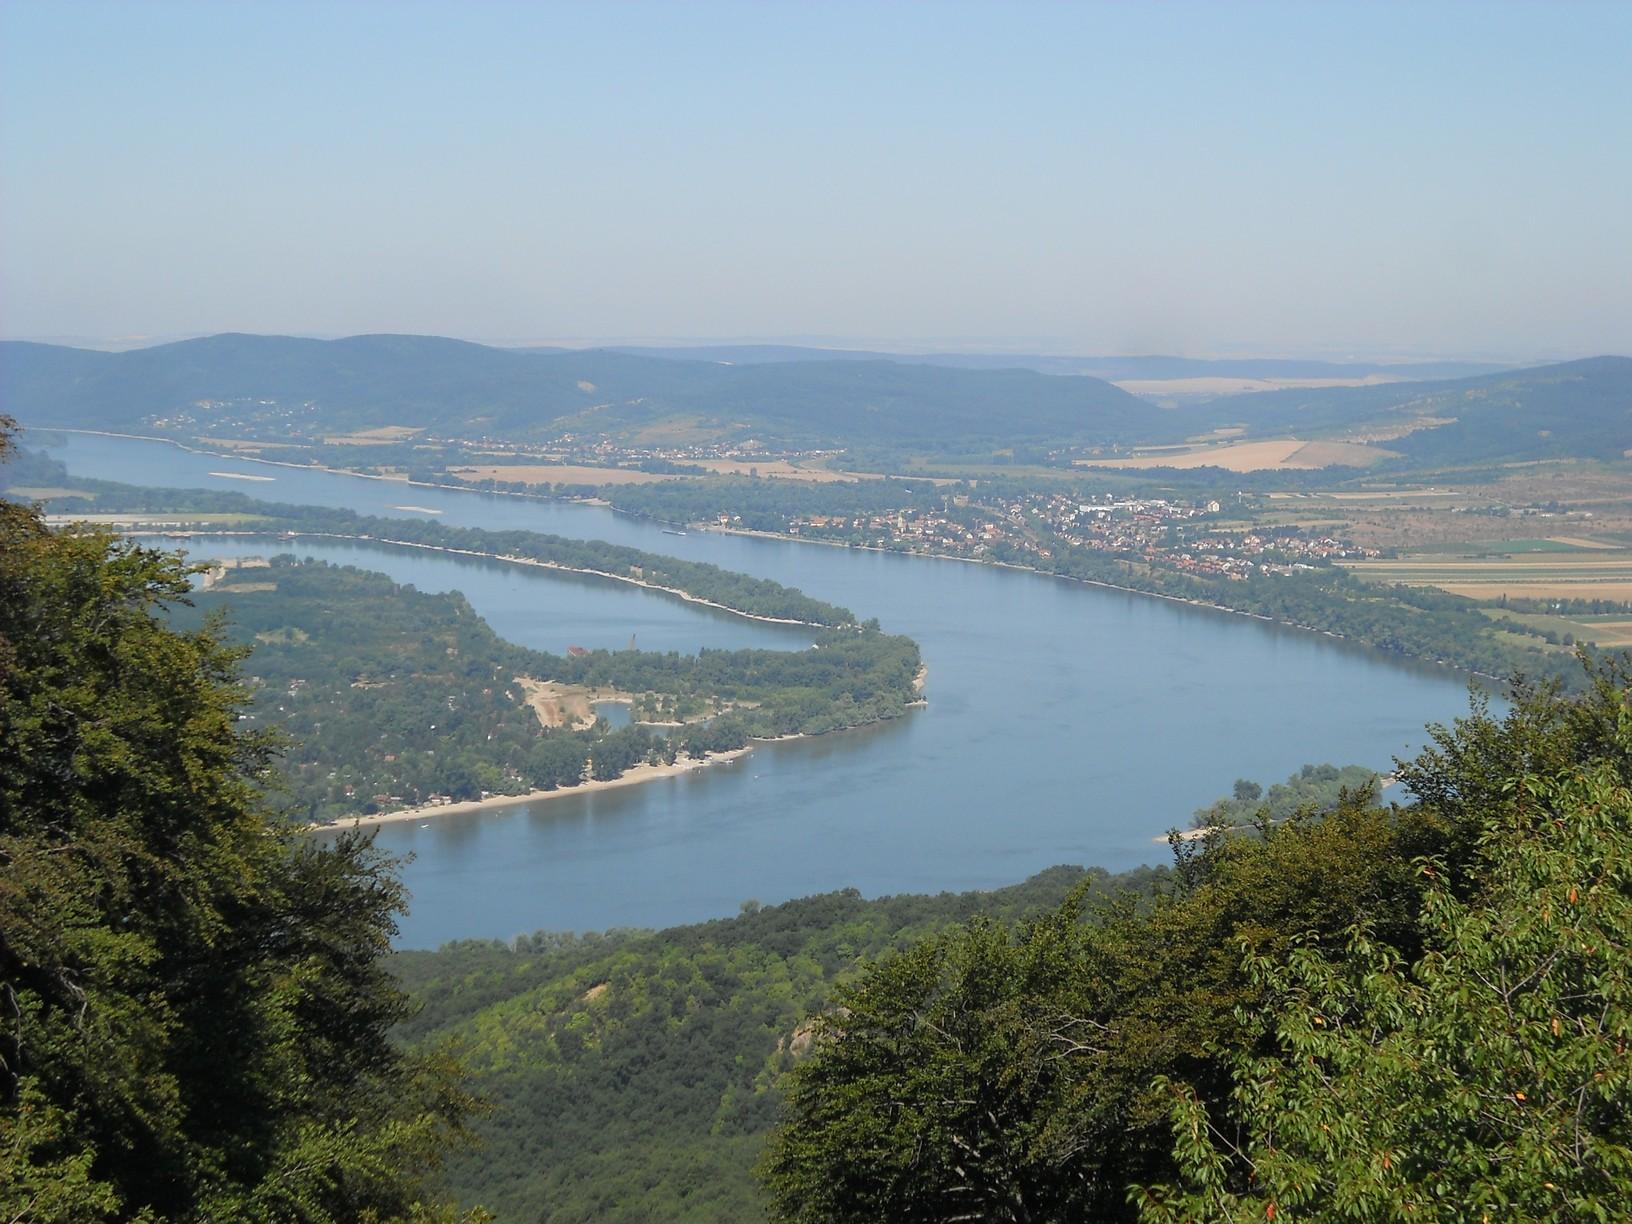 Kilátás a Julianus-toronyból: balra a Pilismaróti-öböl, jobbra Szob